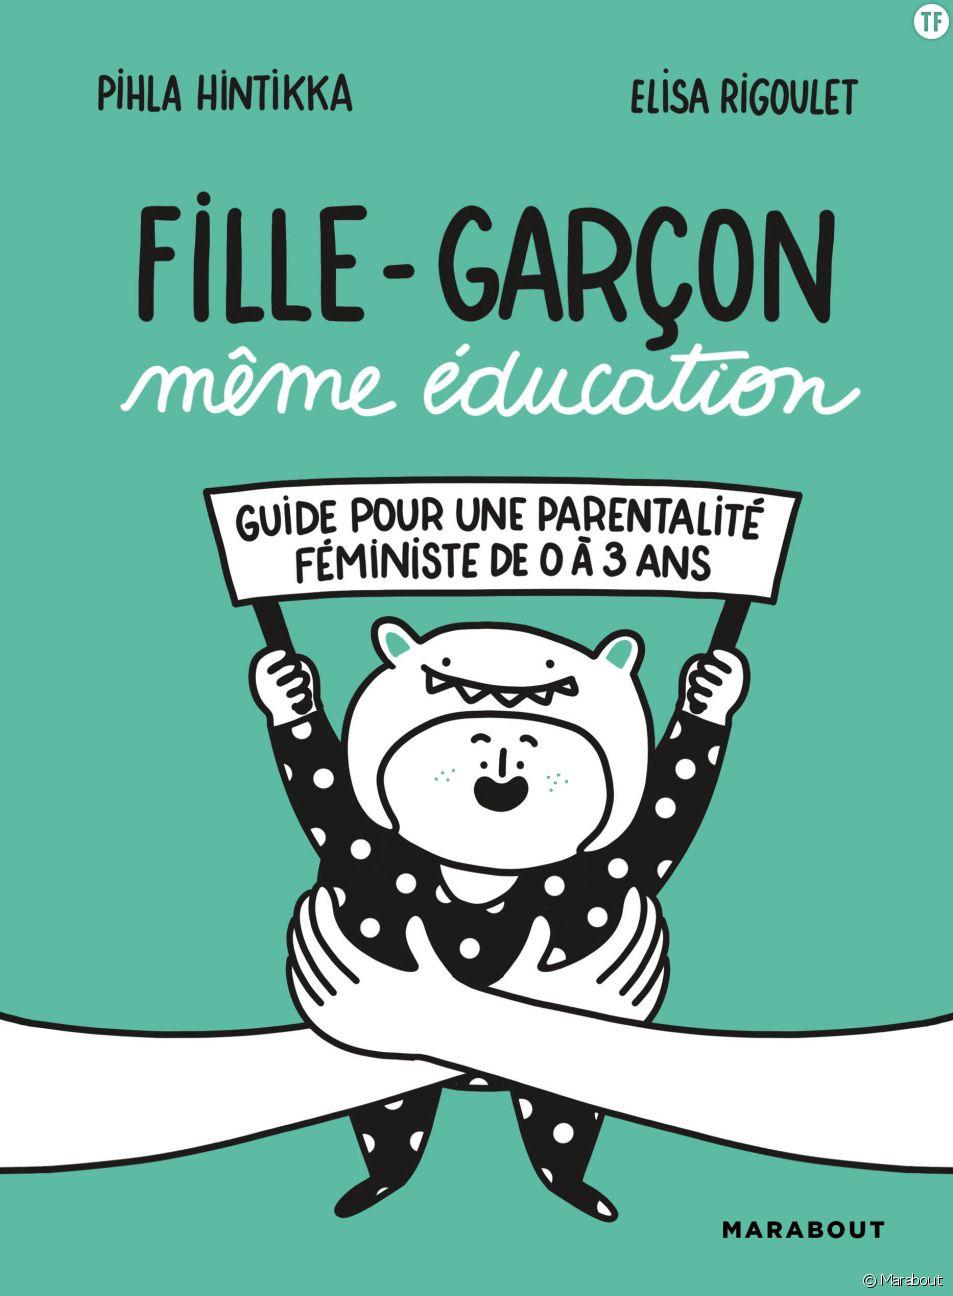 """""""Fille-Garçon, même éducation"""", l'ouvrage déculpabilisant qui prône l'égalité à la maison"""